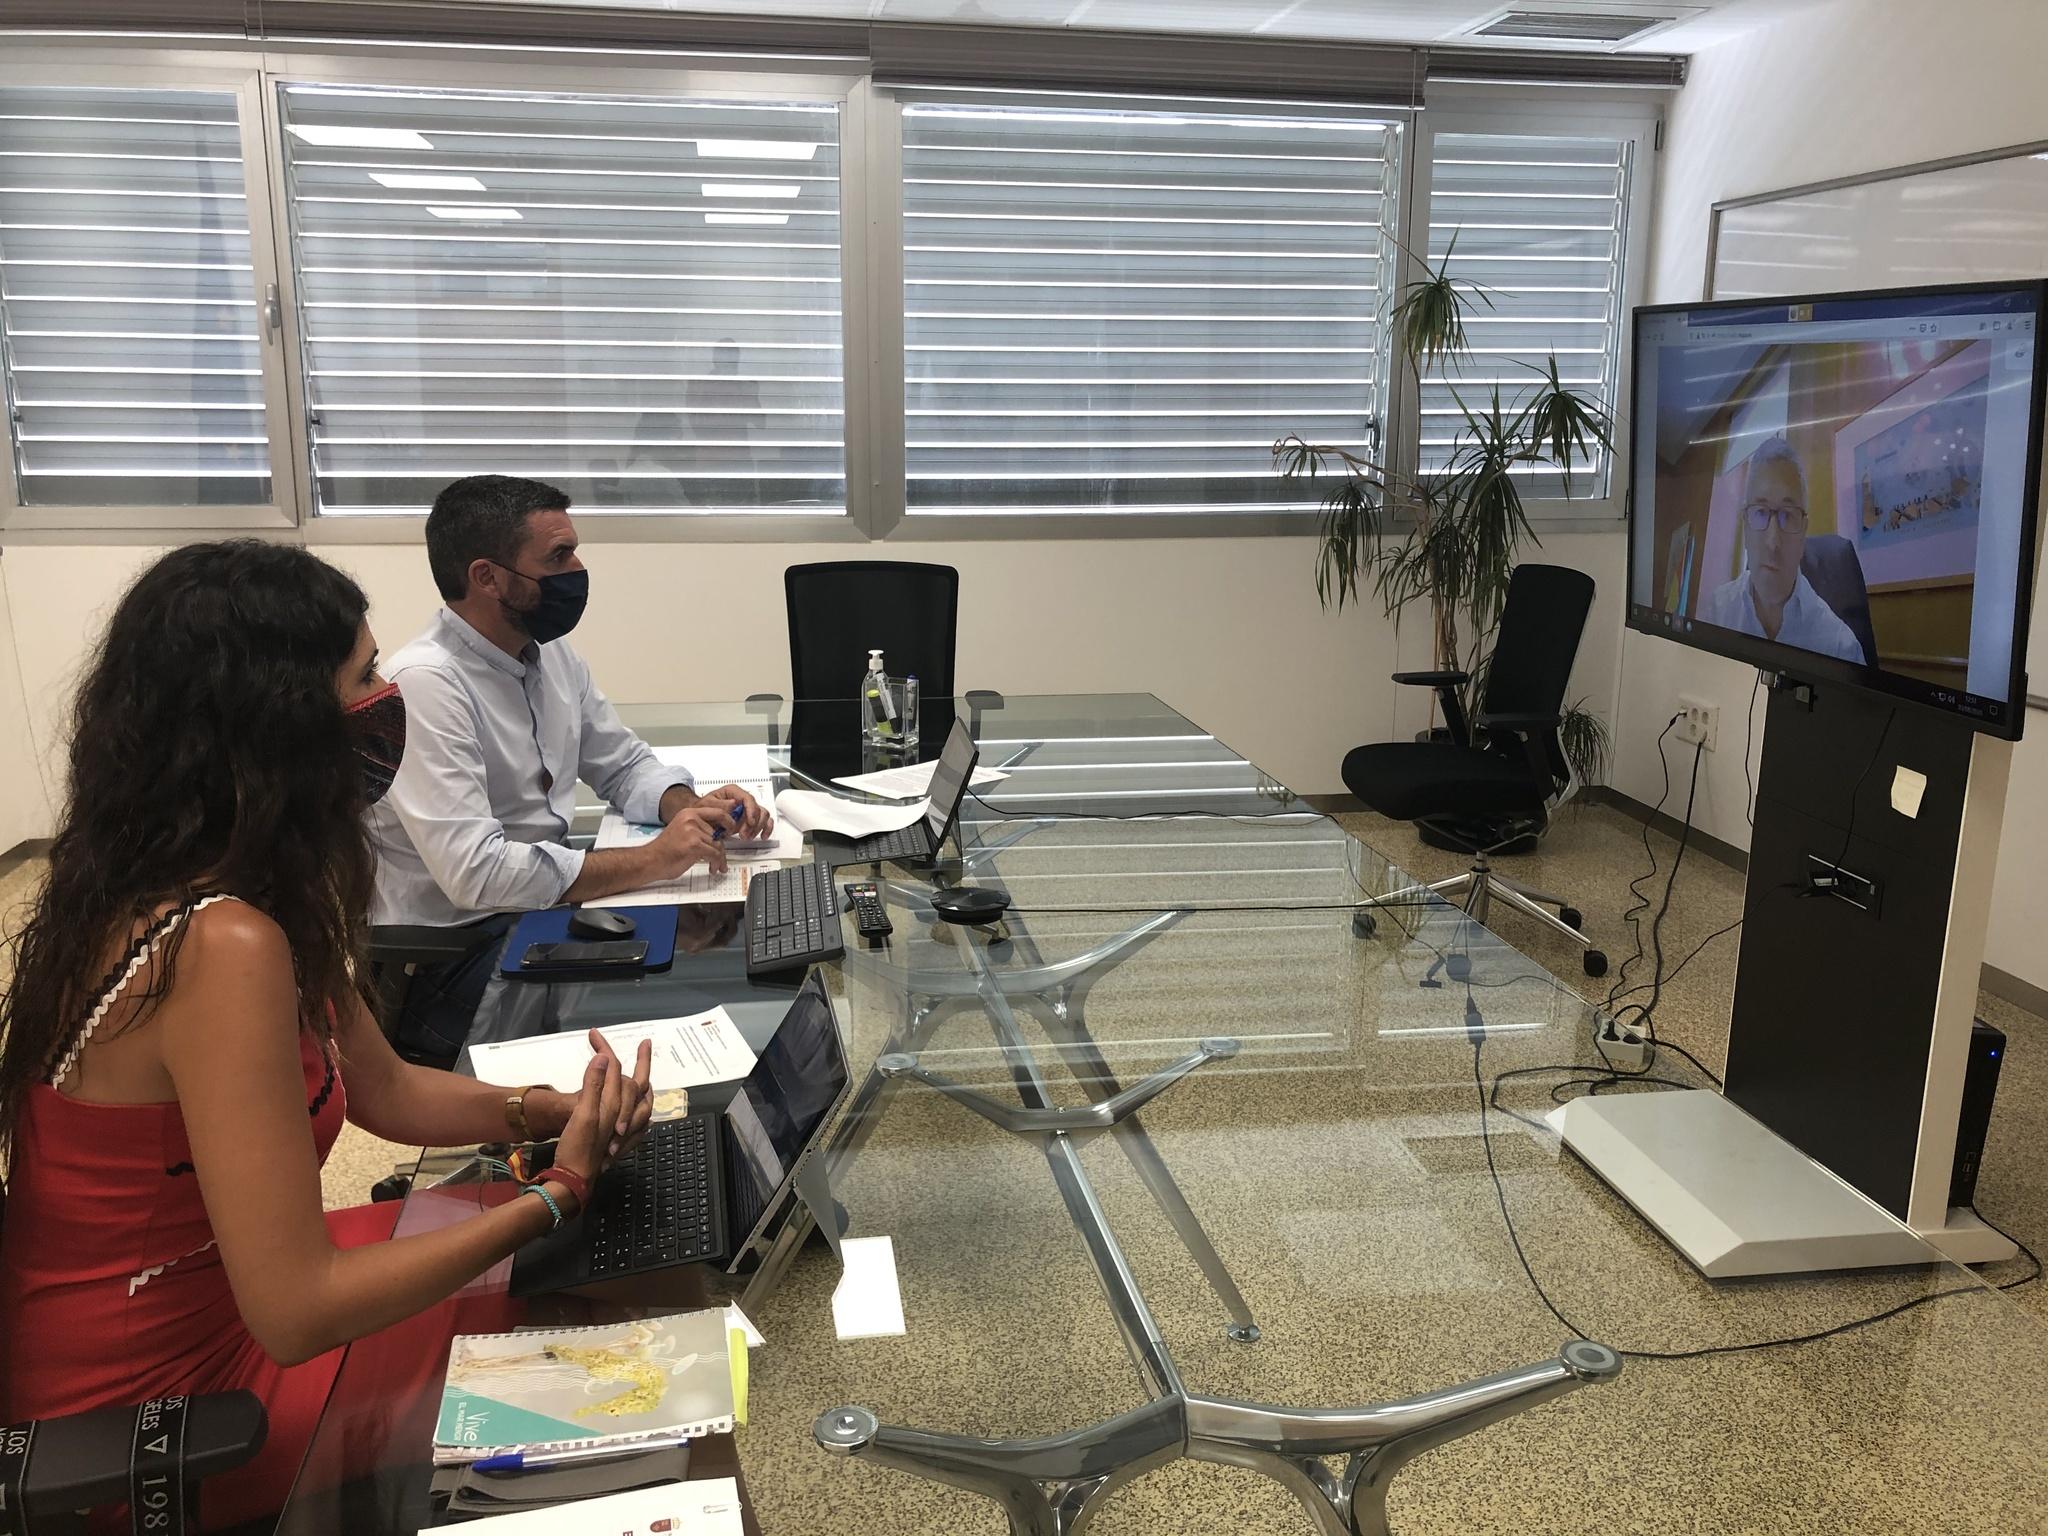 El consejero Antonio Luengo, acompañado de la directora general del Mar Menor, Miriam Pérez, en la reunión de trabajo con el Secretario de Estado de Medio Ambiente. Imagen: CARM